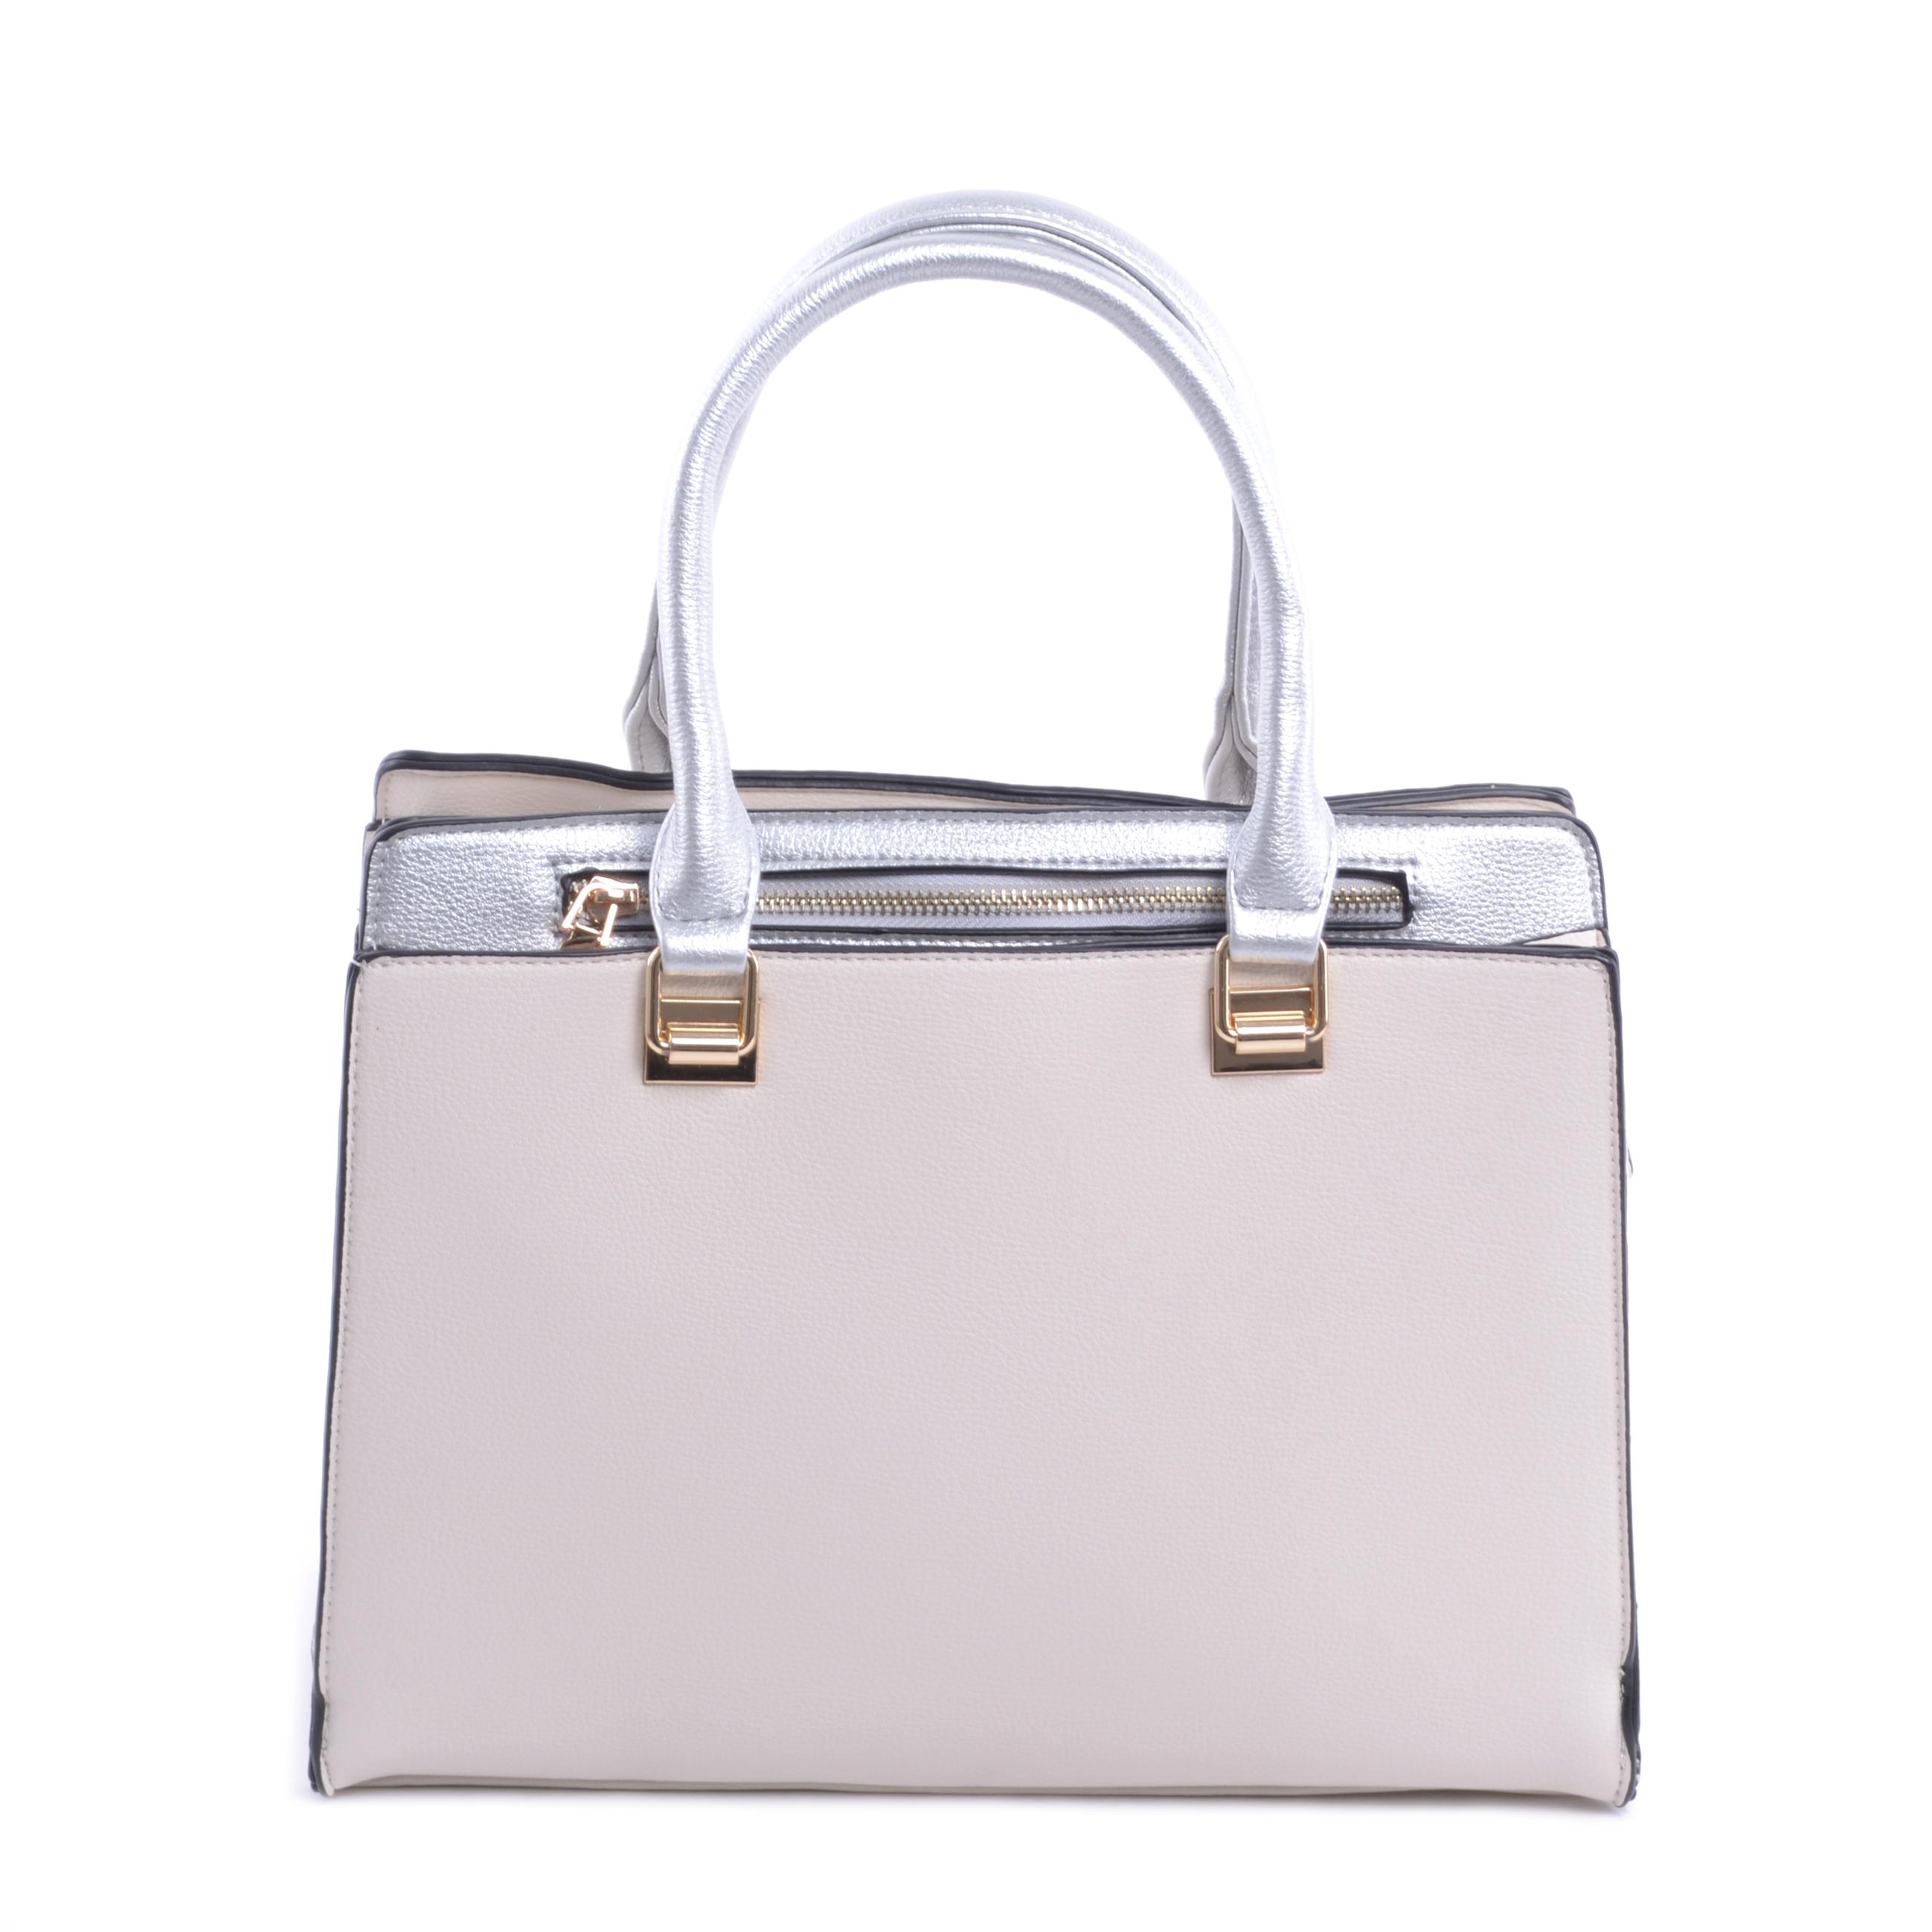 Bézs Női Műbőr Kézitáska - Kézitáskák - Táska webáruház - Minőségi táskák  mindenkinek b8ff671d4e